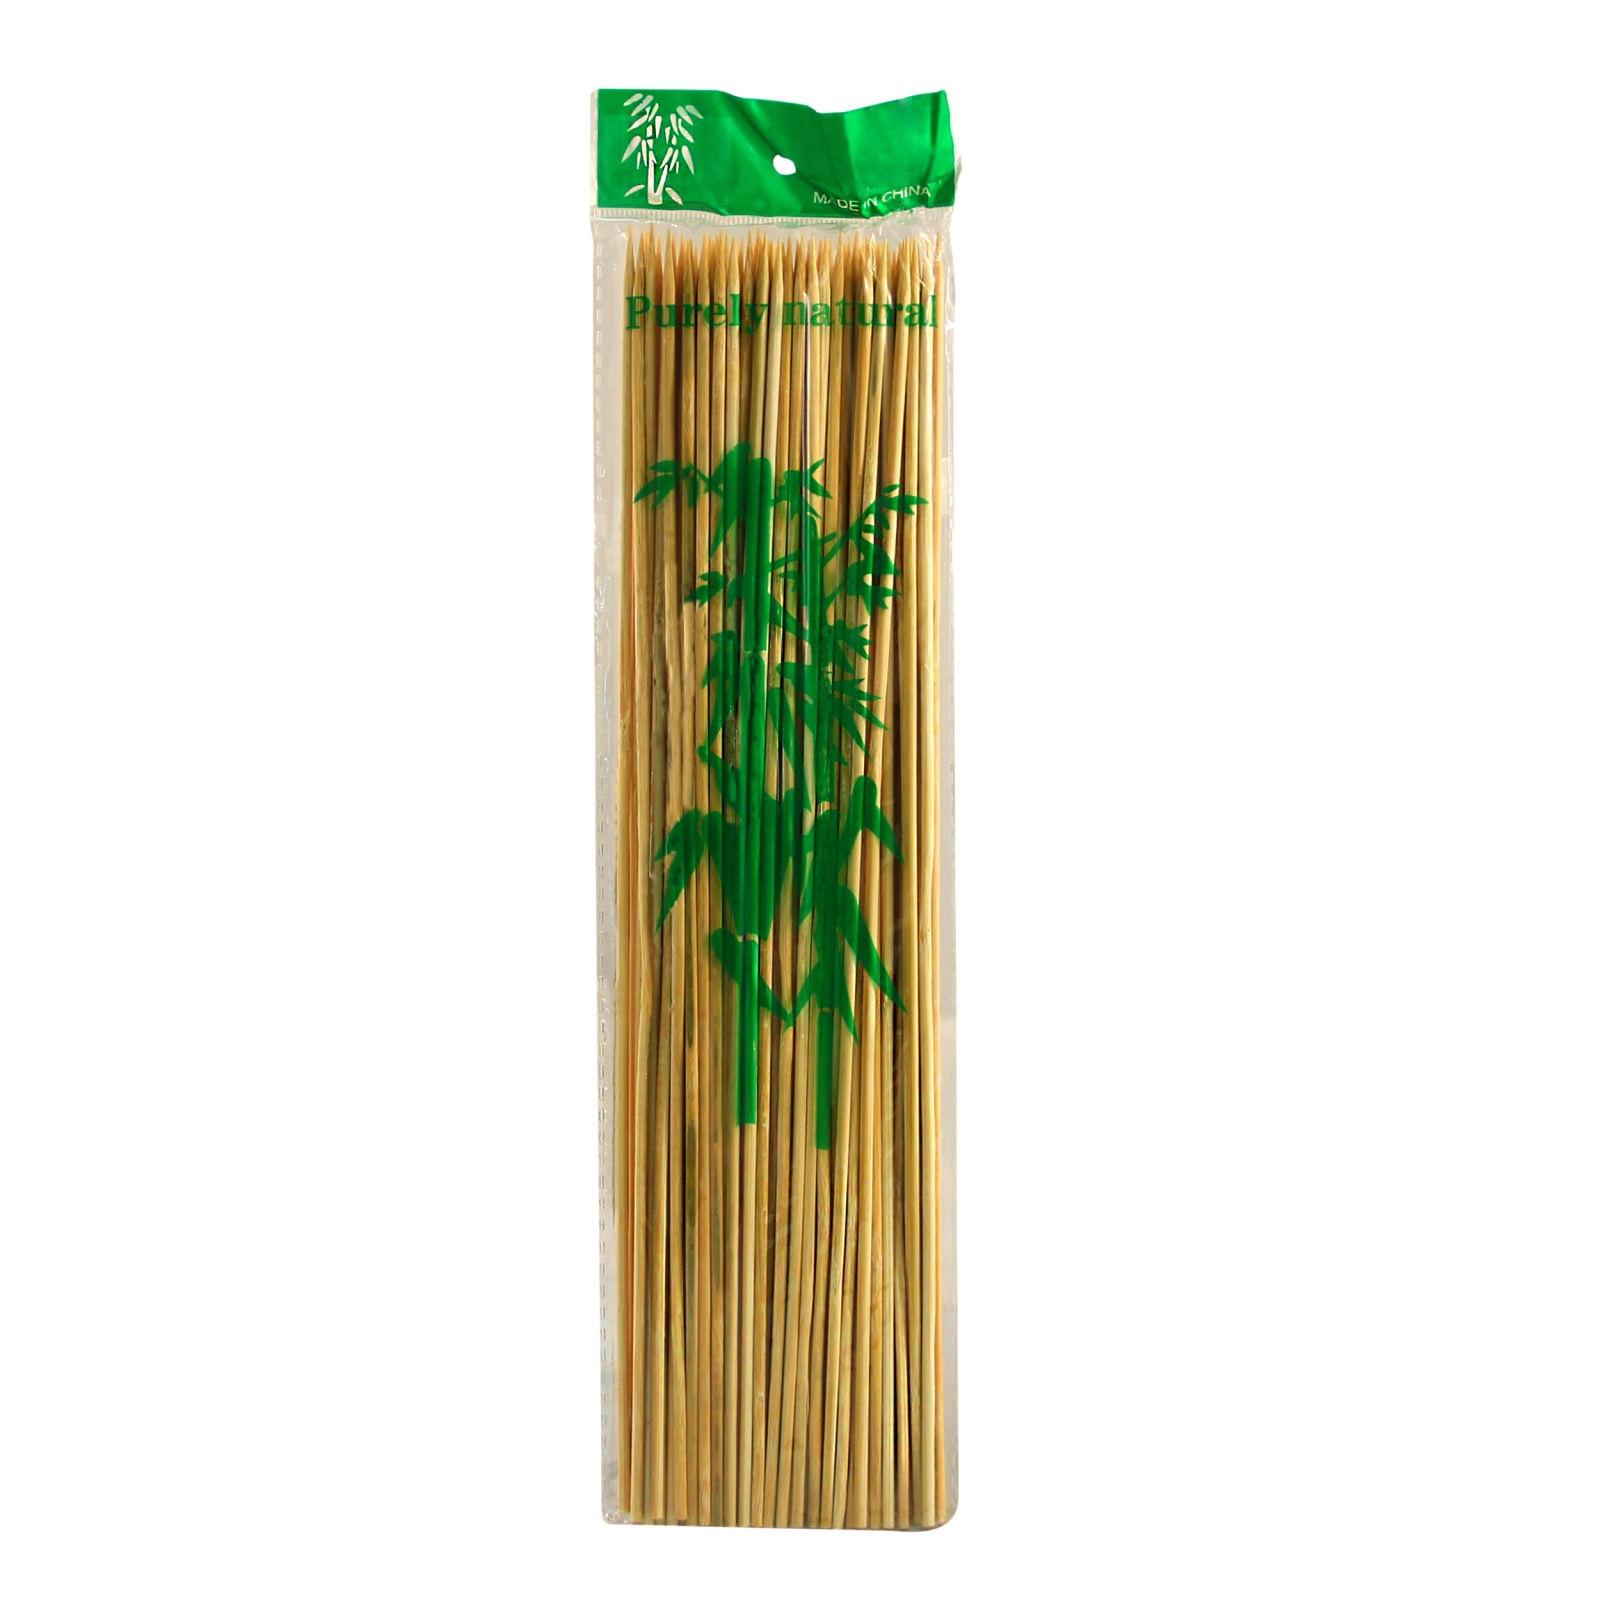 سیخ مدل چوبی کدMD850 بسته 80 عددی